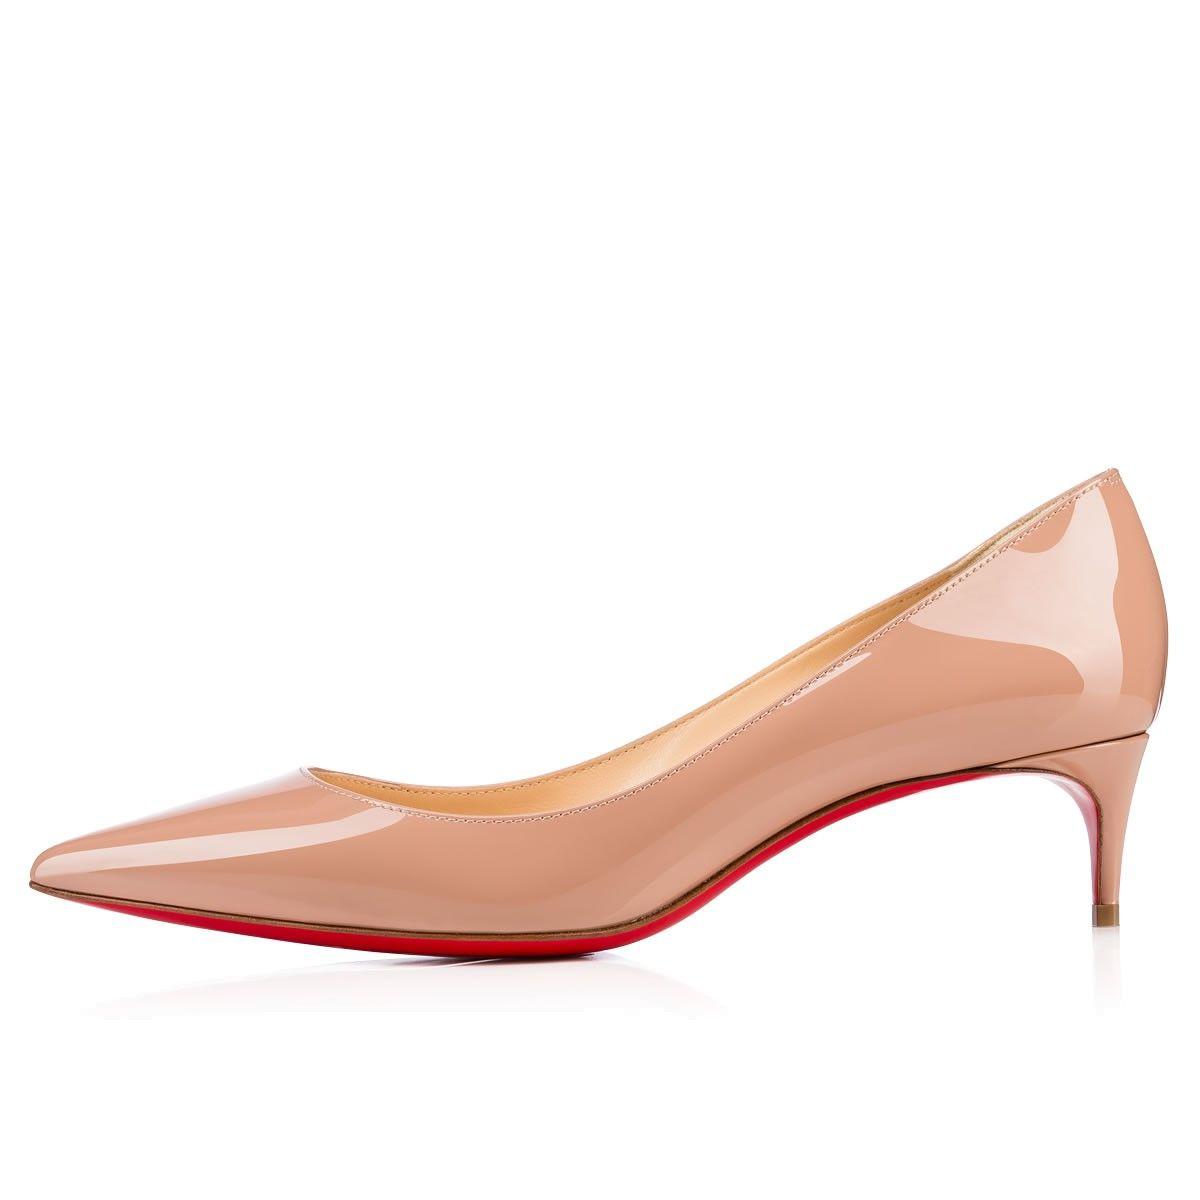 5afd5c8e9dc Woman shoes - Decollete 554 Varnish - Christian Louboutin | shoes ...